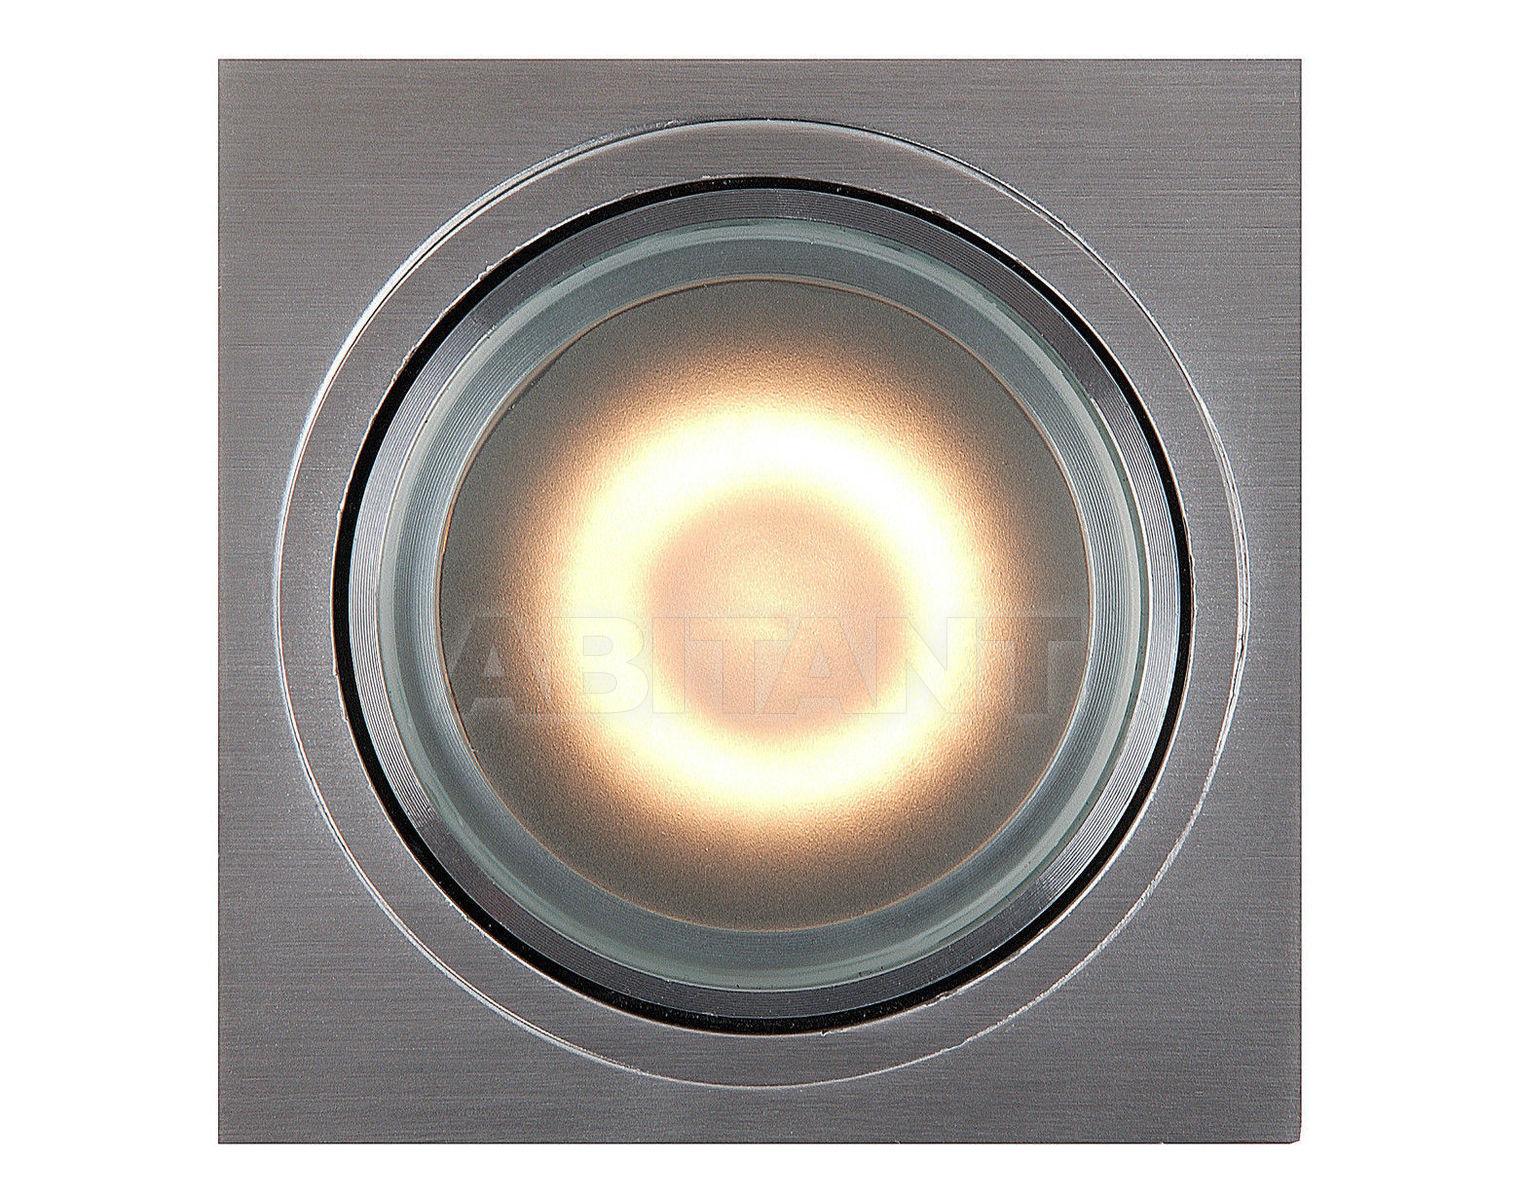 Купить Встраиваемый светильник MODE Lucide  Outdoor 2013 17876/01/12